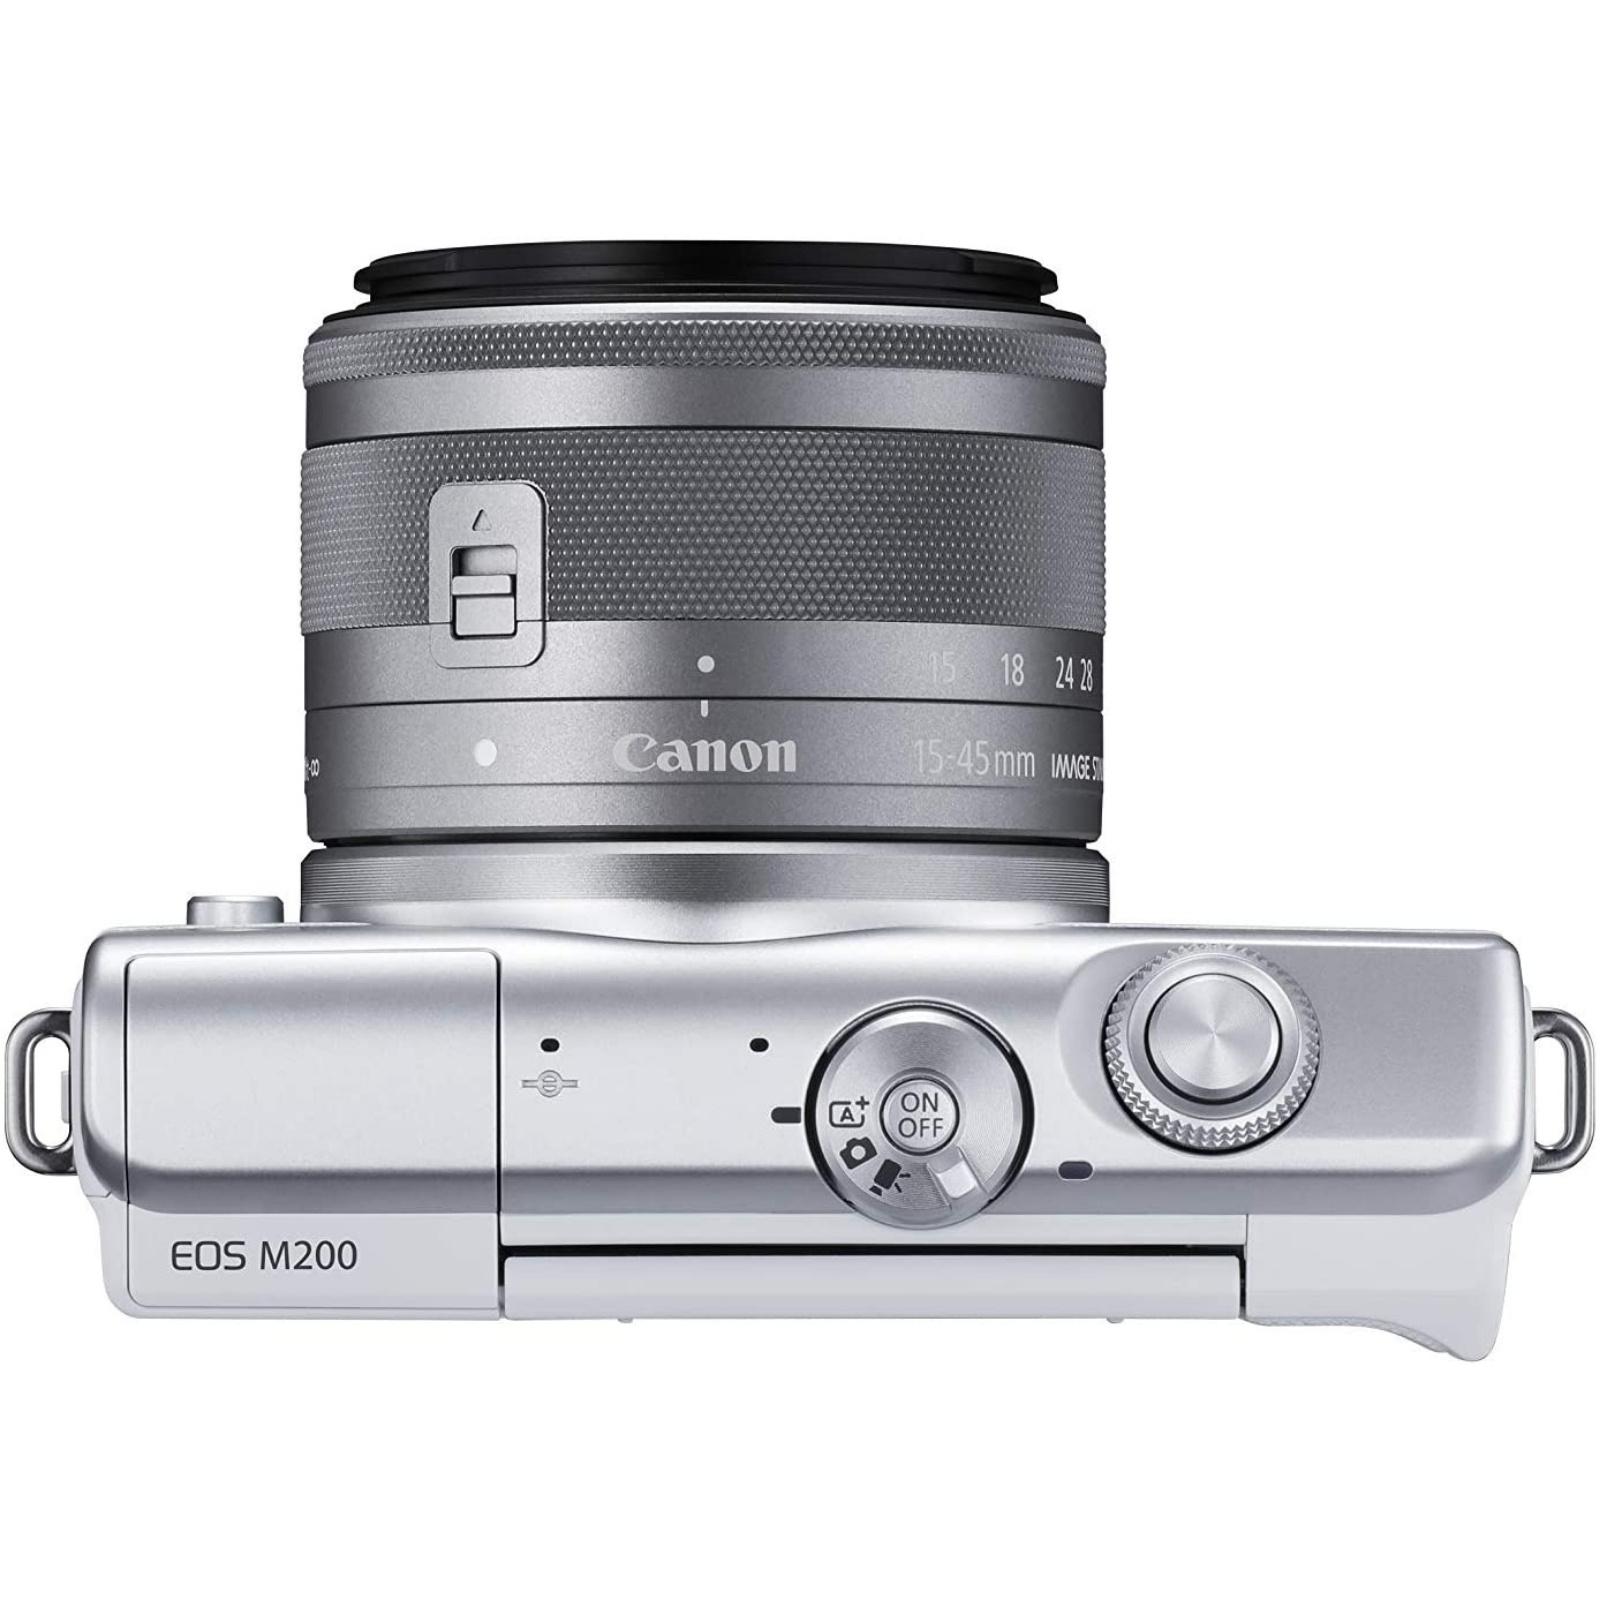 Canon キヤノン ミラーレス一眼カメラ EOS M200 EF-M15-45 IS STM レンズキット ホワイト 3700C008 新品